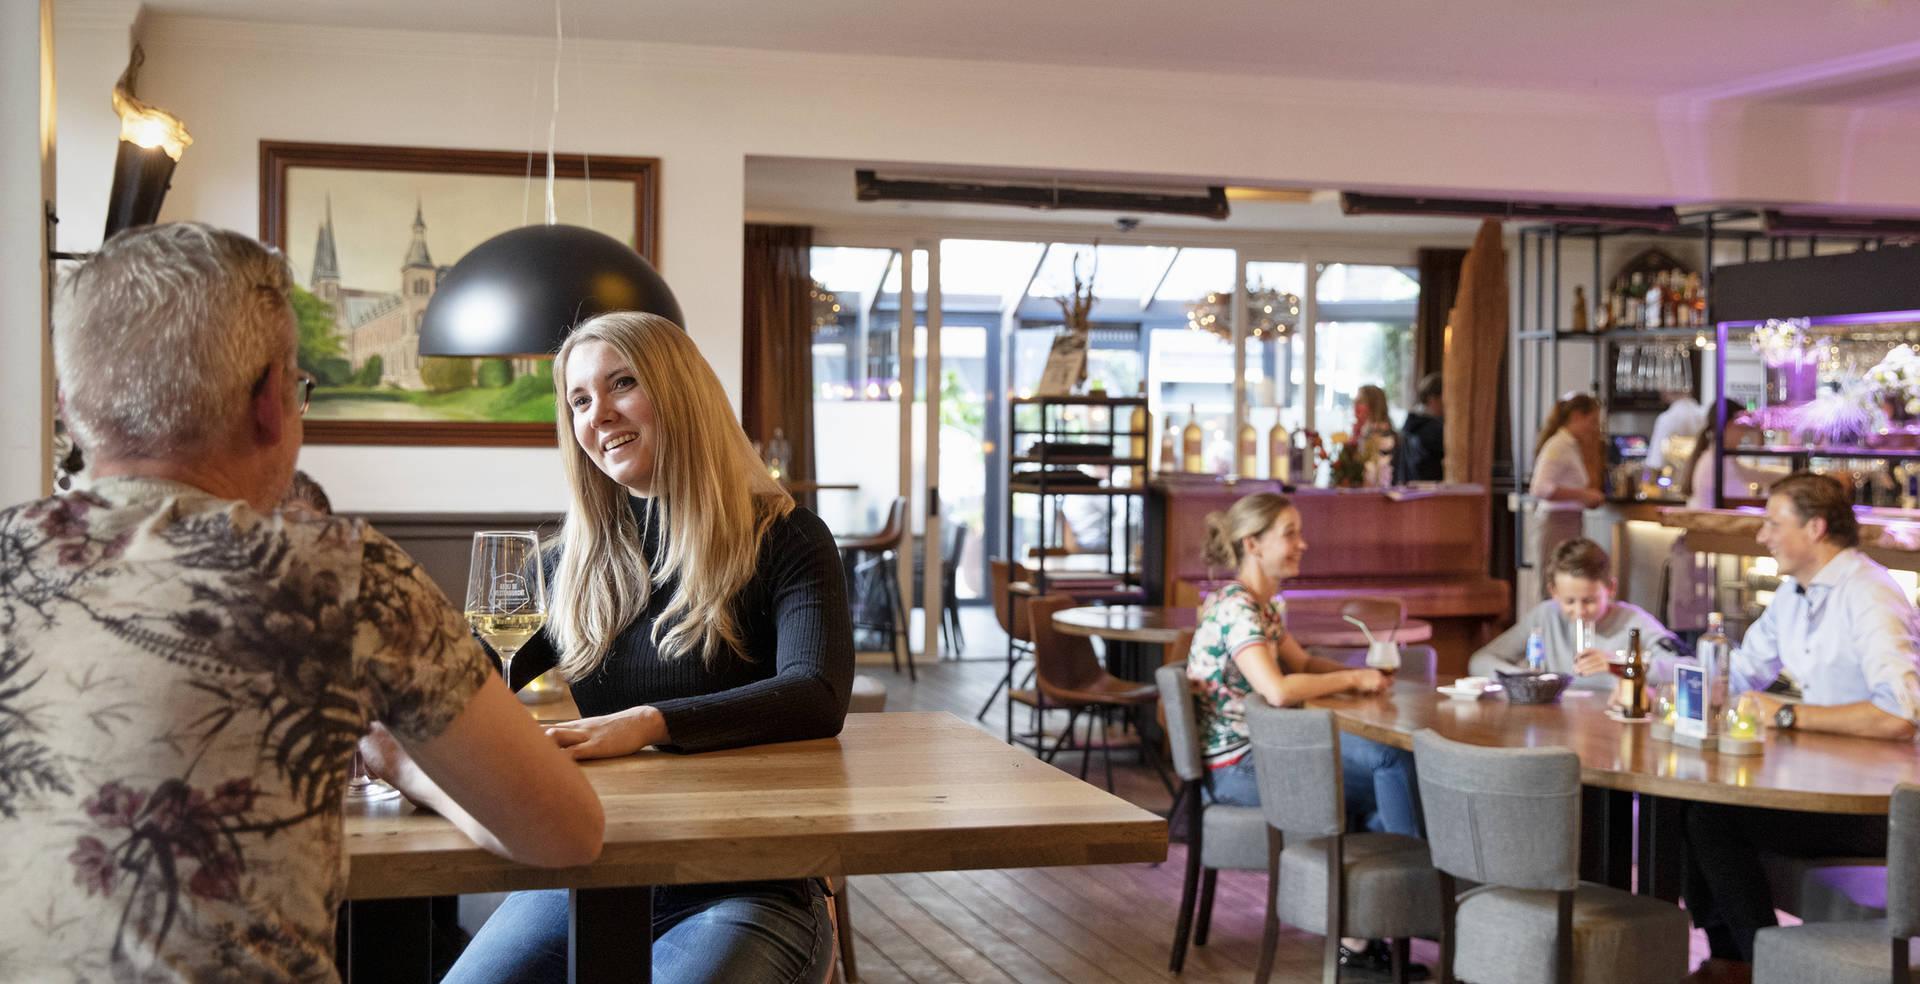 Restaurant Hotel restaurant Abdij de Westerburcht Westerbork